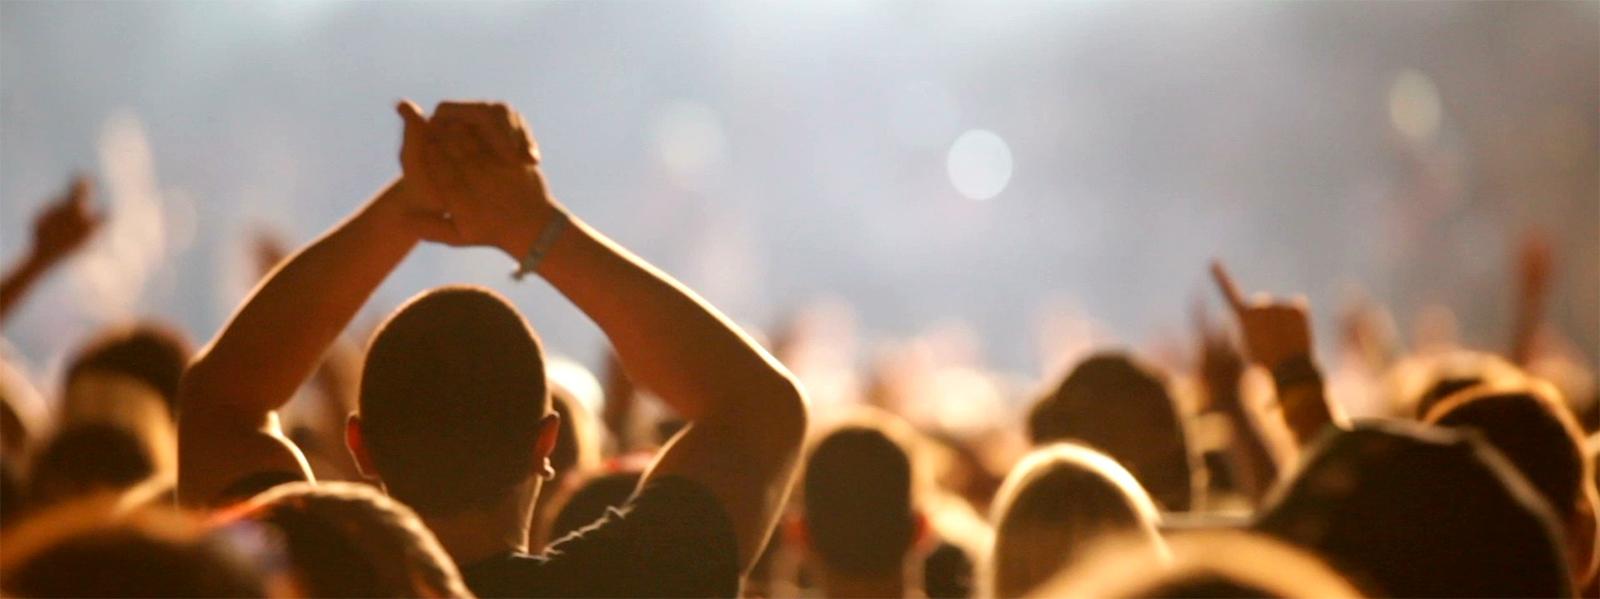 Festival International des Musiques du Monde in Merzouga